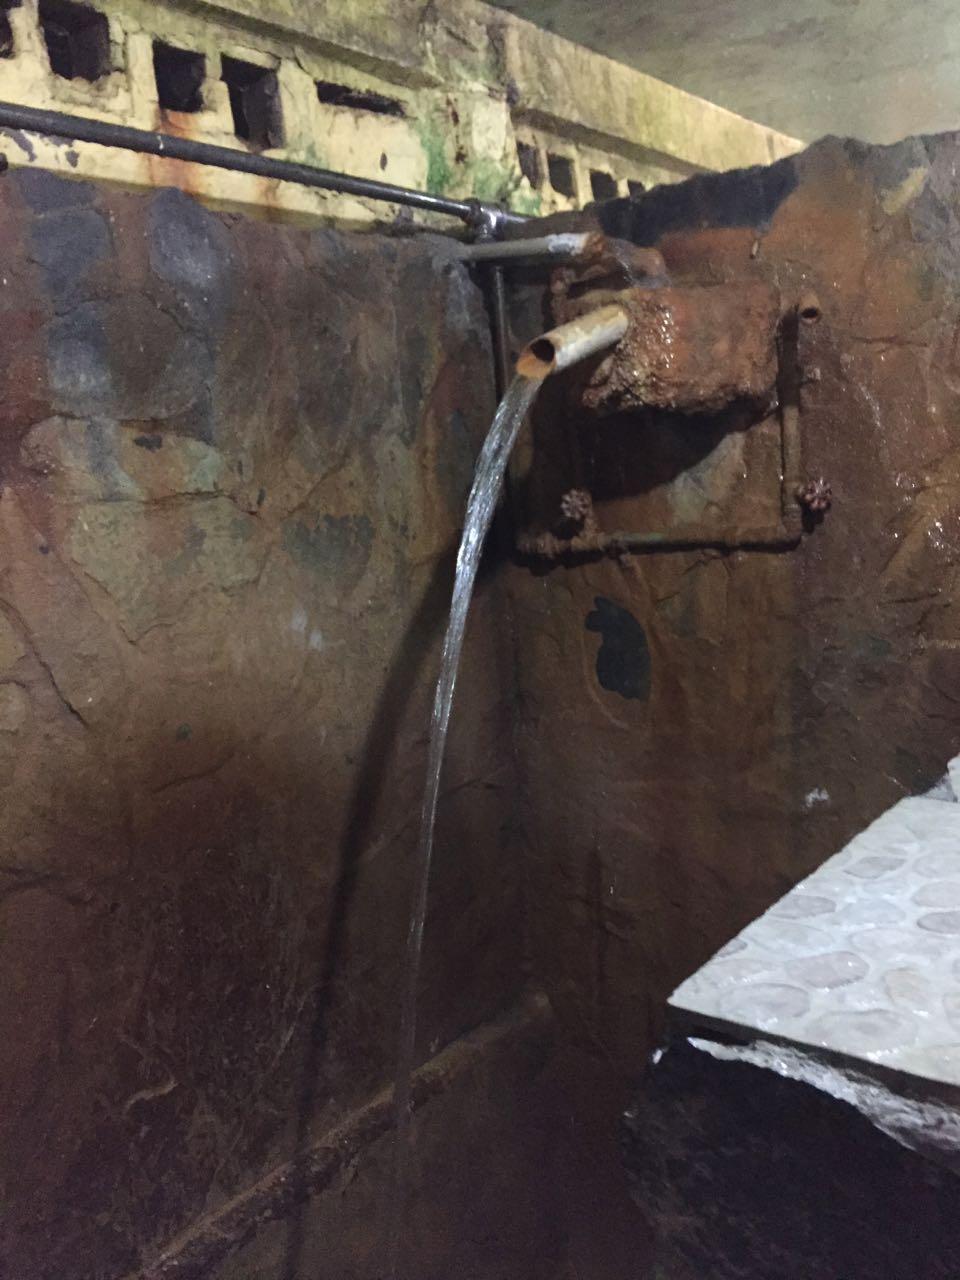 Das heisse Wasser kommt direkt aus der Quelle und ist sehr stinkig.